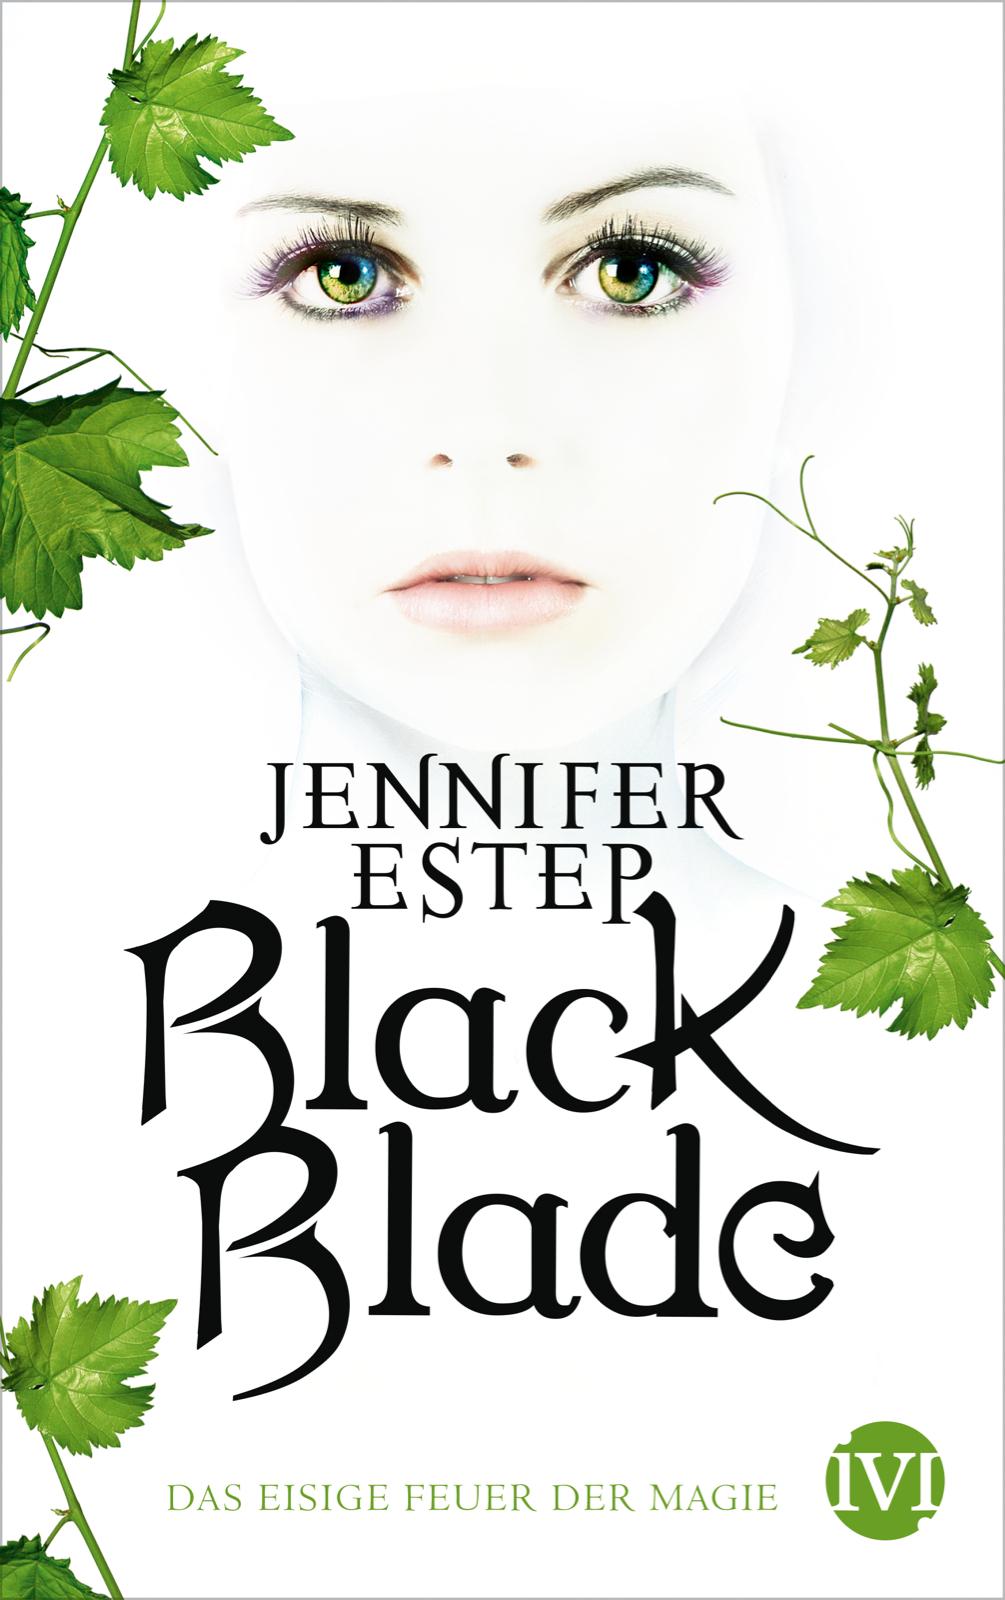 jennifer estep black blade